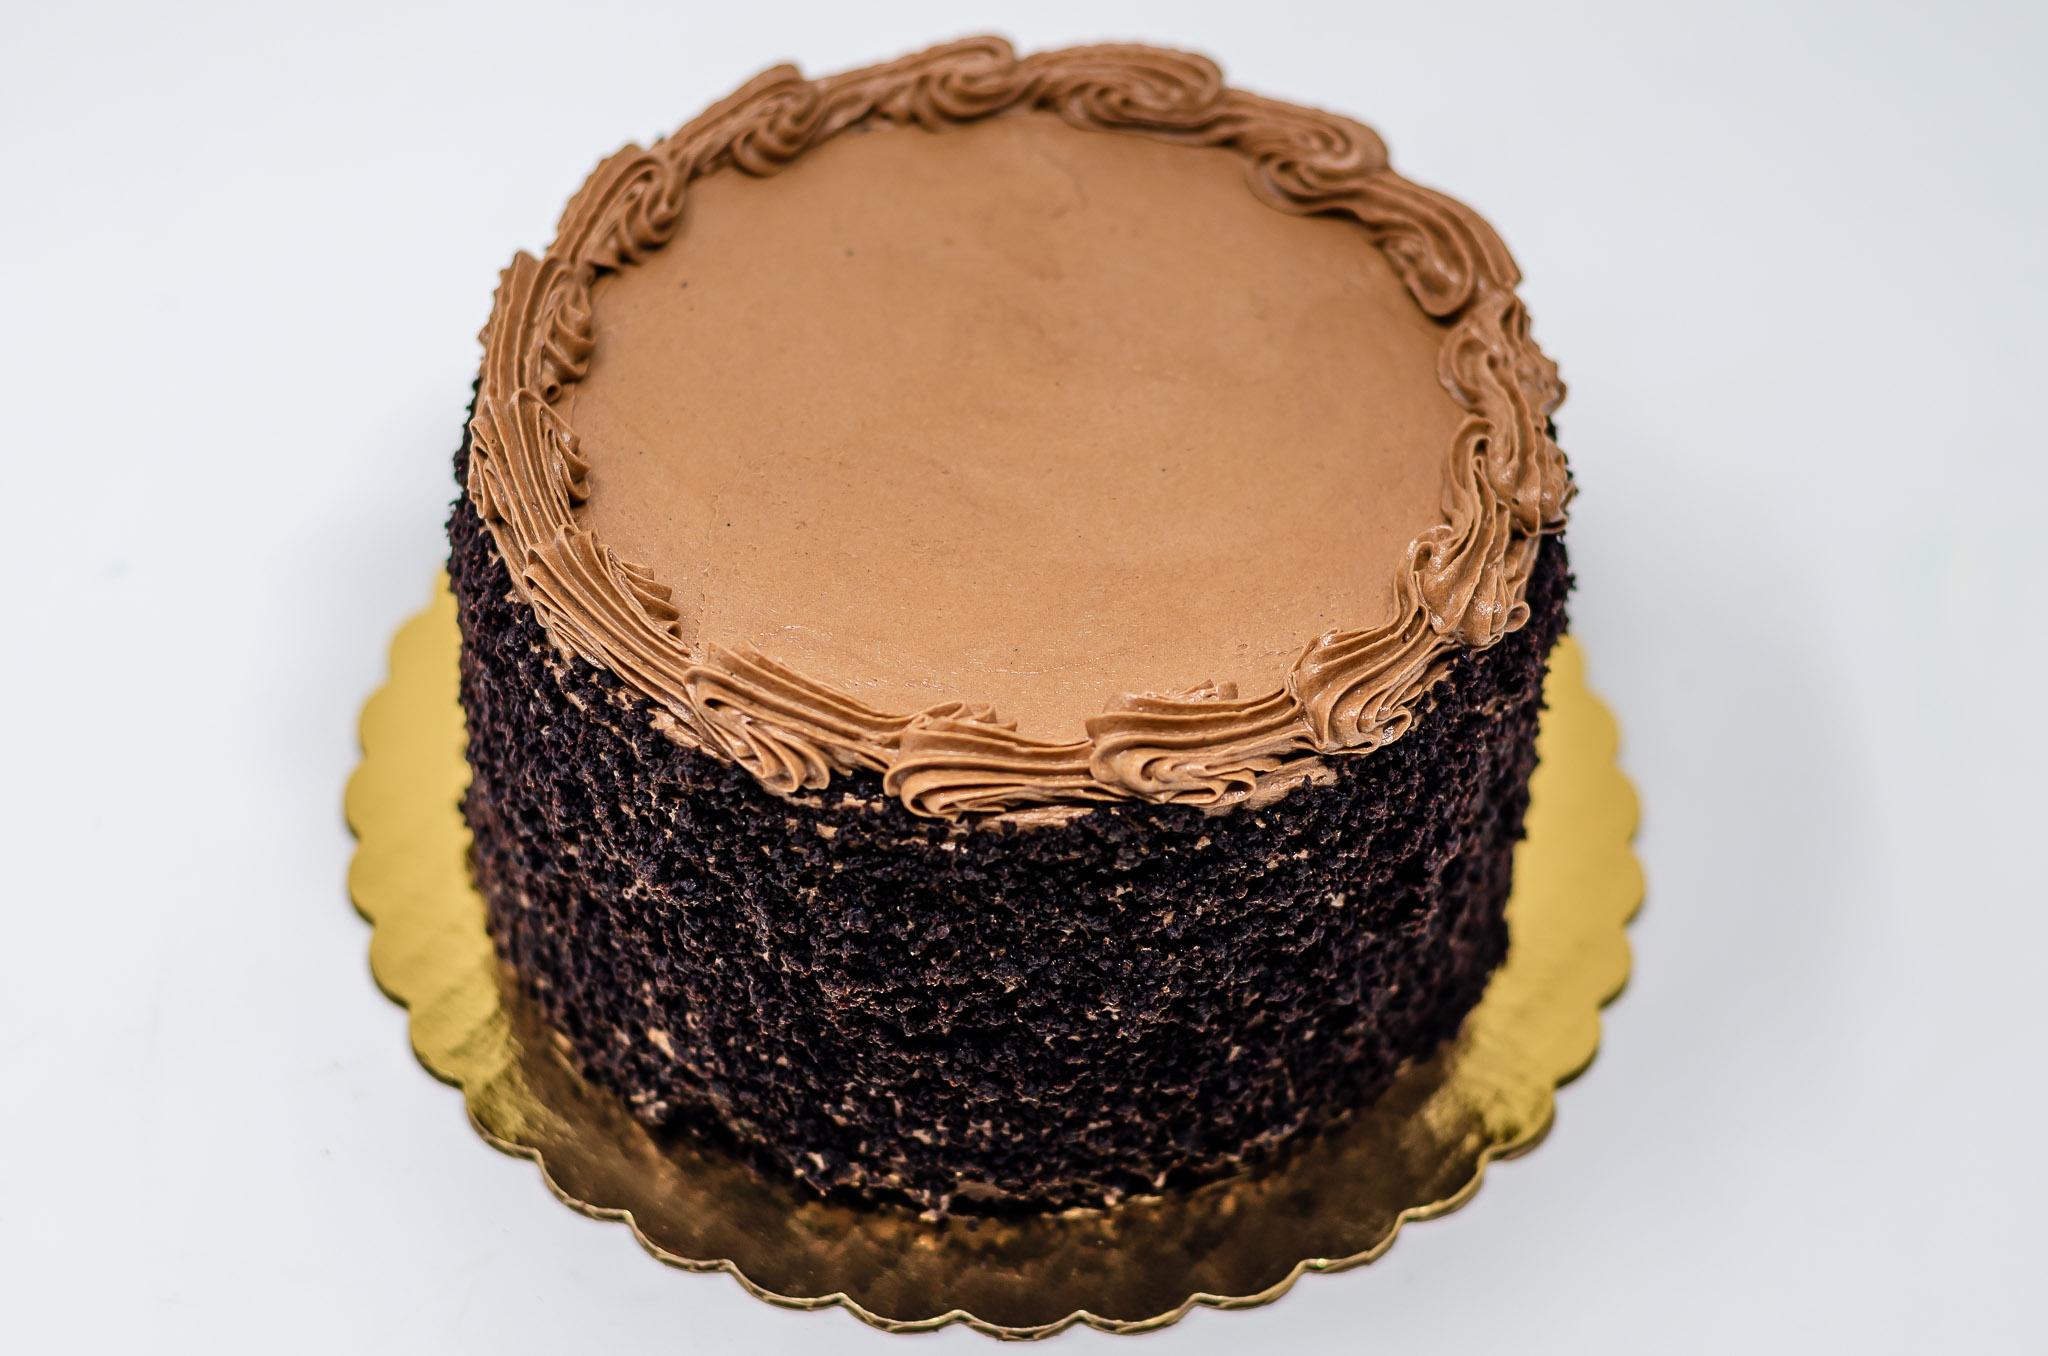 cake11choco-0574